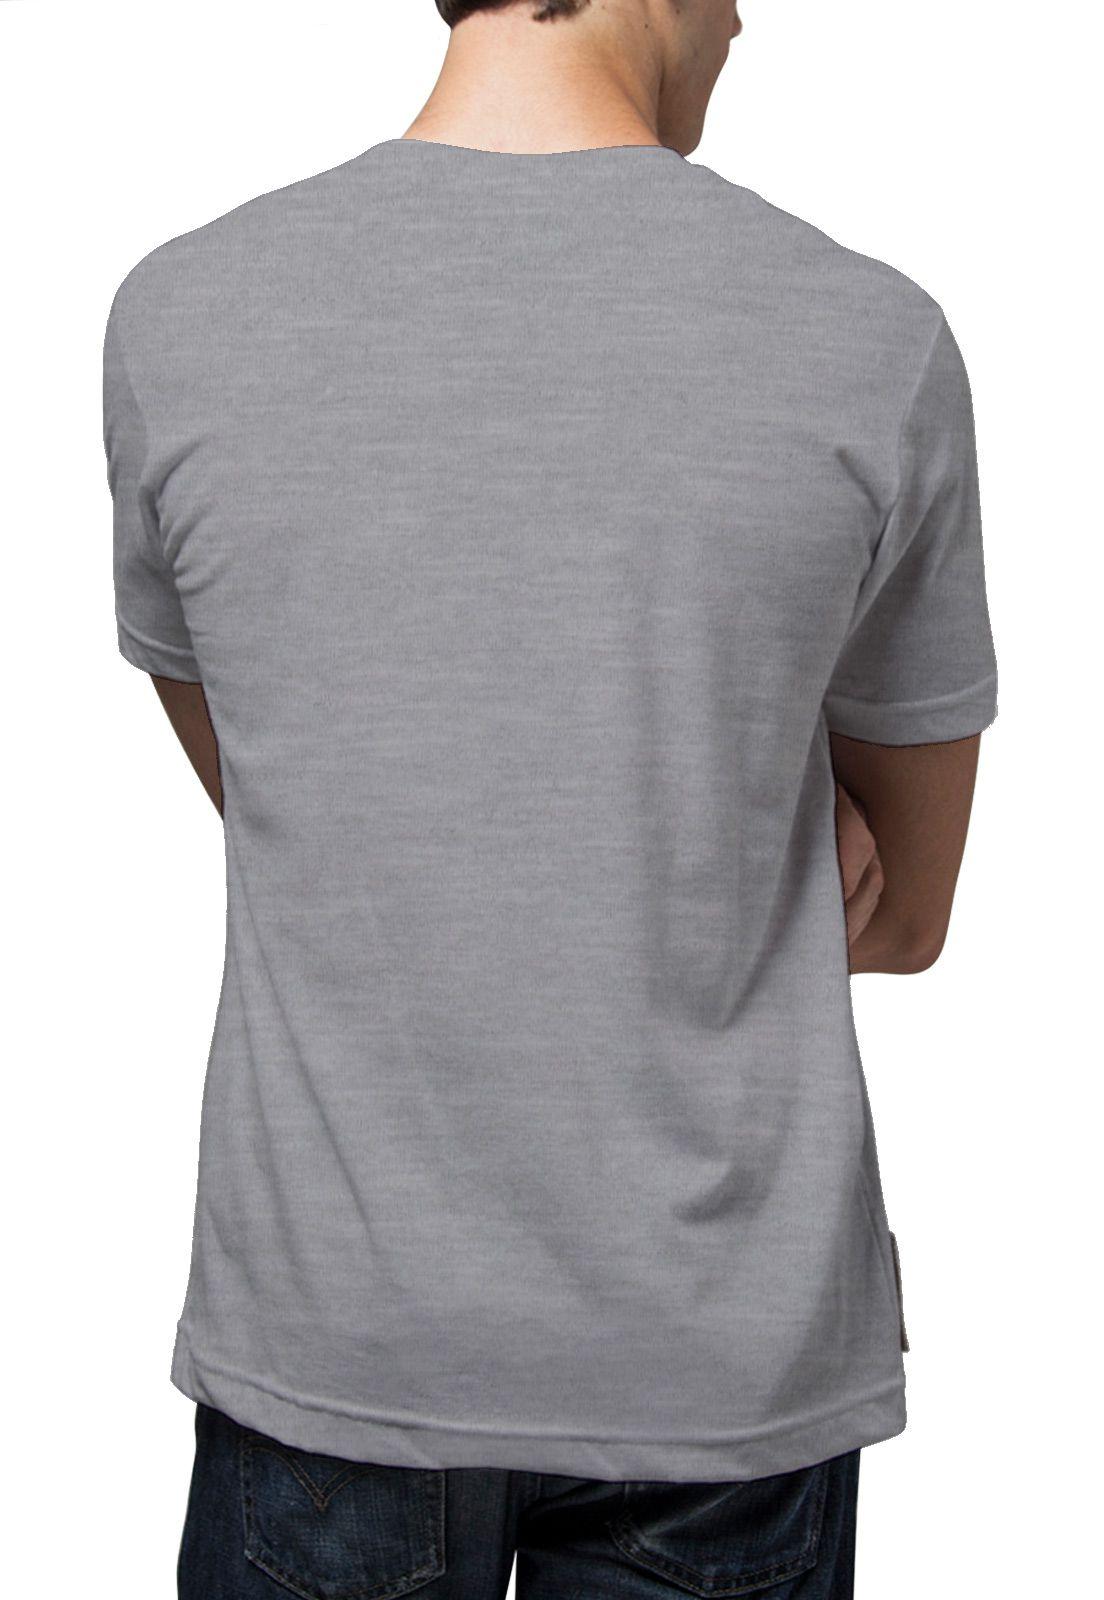 Camiseta Amazônia Listras de Tinta - Mescla